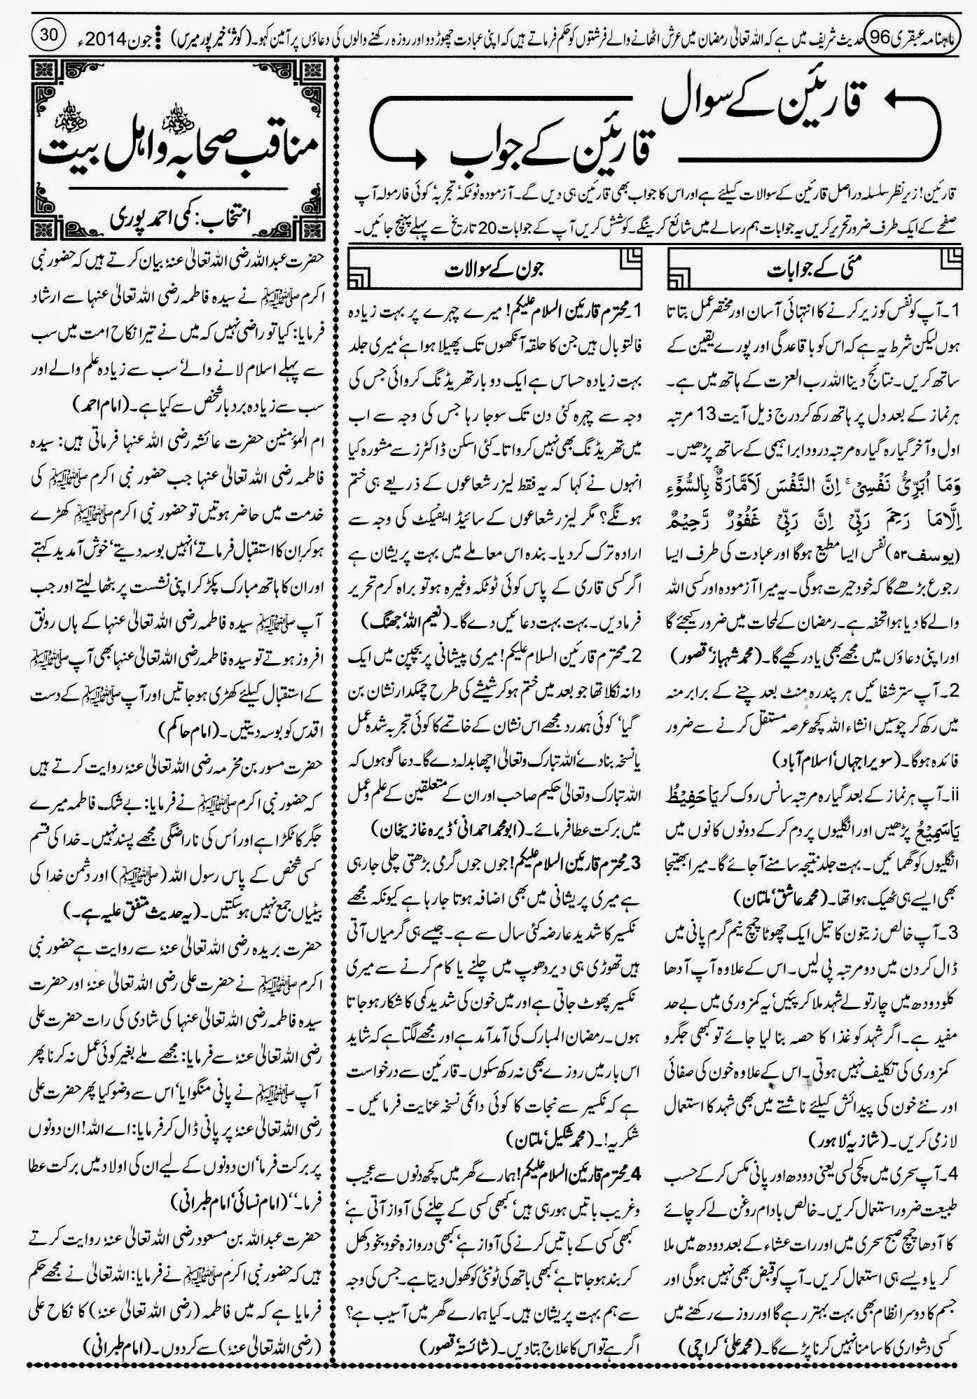 ubqari june 2014 page 30